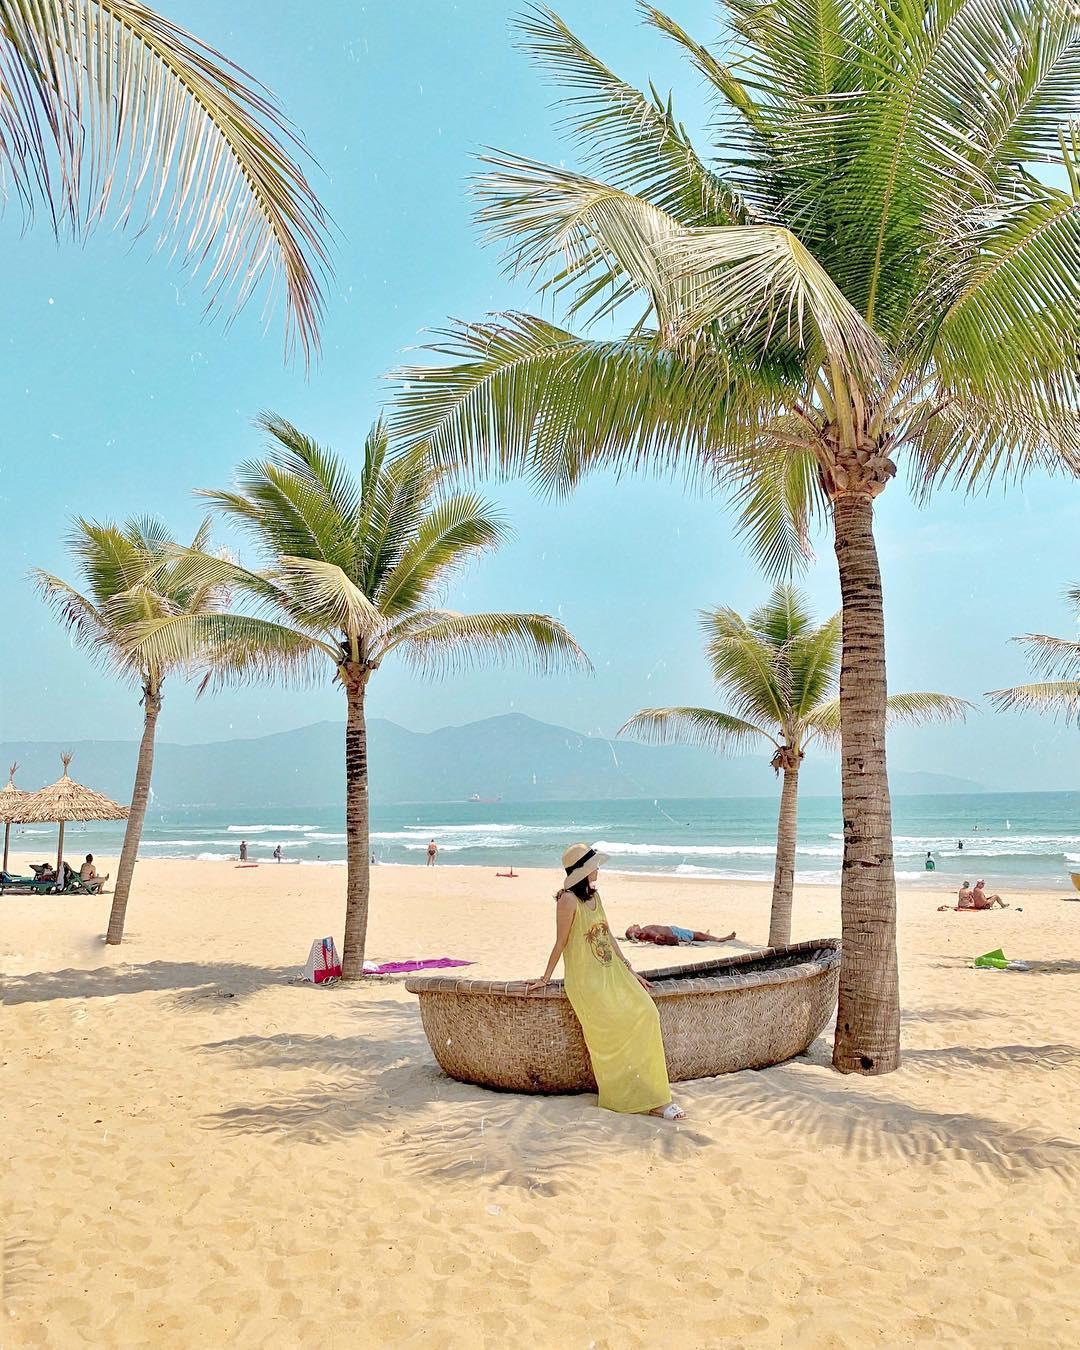 Viet Nam anh 5  - 53305642_865093880511244_3001836591743361557_n - An Bàng, Mỹ Khê vào top 25 bãi biển đẹp nhất châu Á